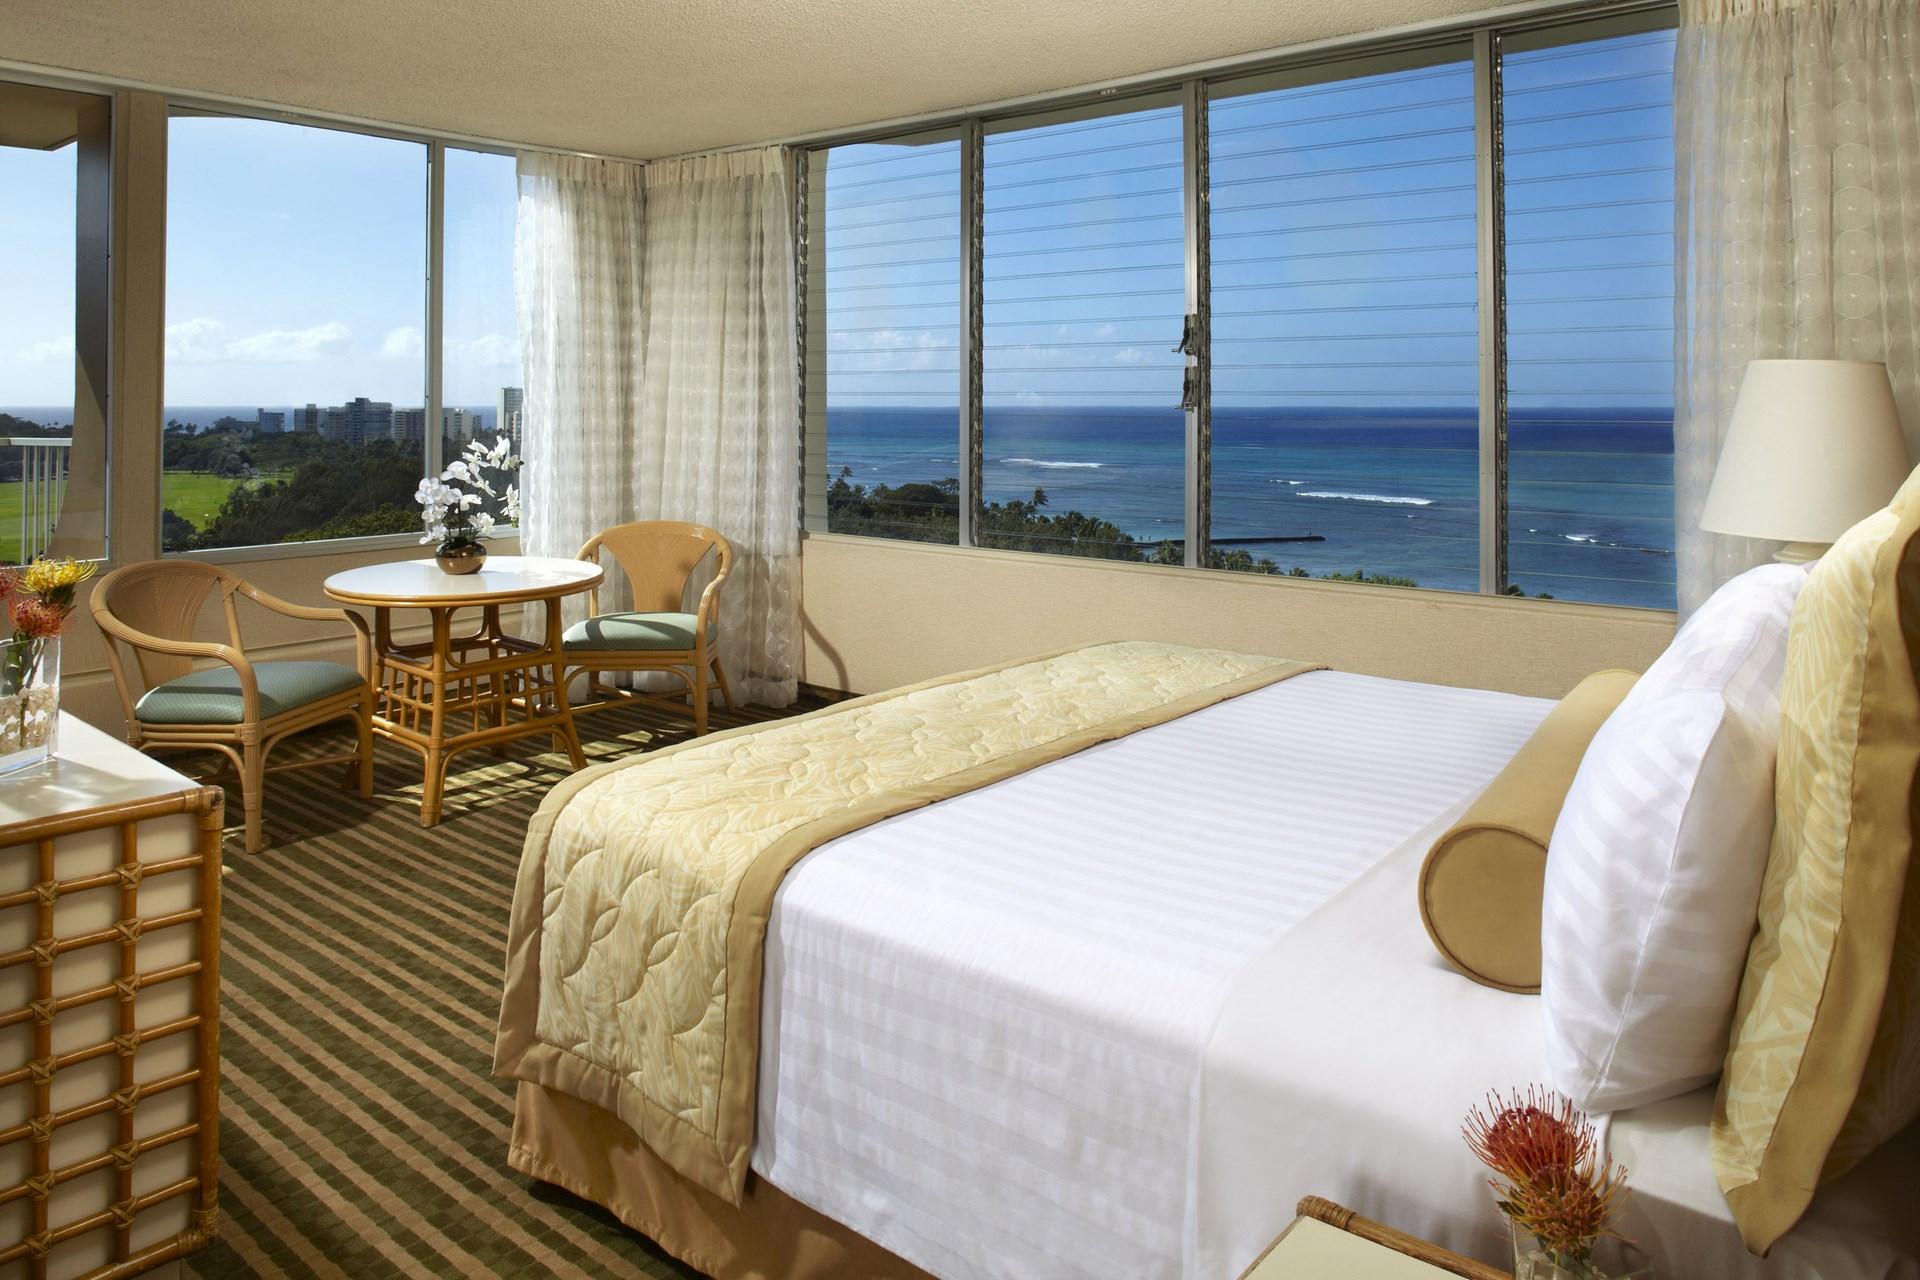 クイーン カピオラニ ホテル ホノルル、ワイキキ の部屋、地図等の詳細情報【ハワイホテル図鑑 ファーストワイズ】